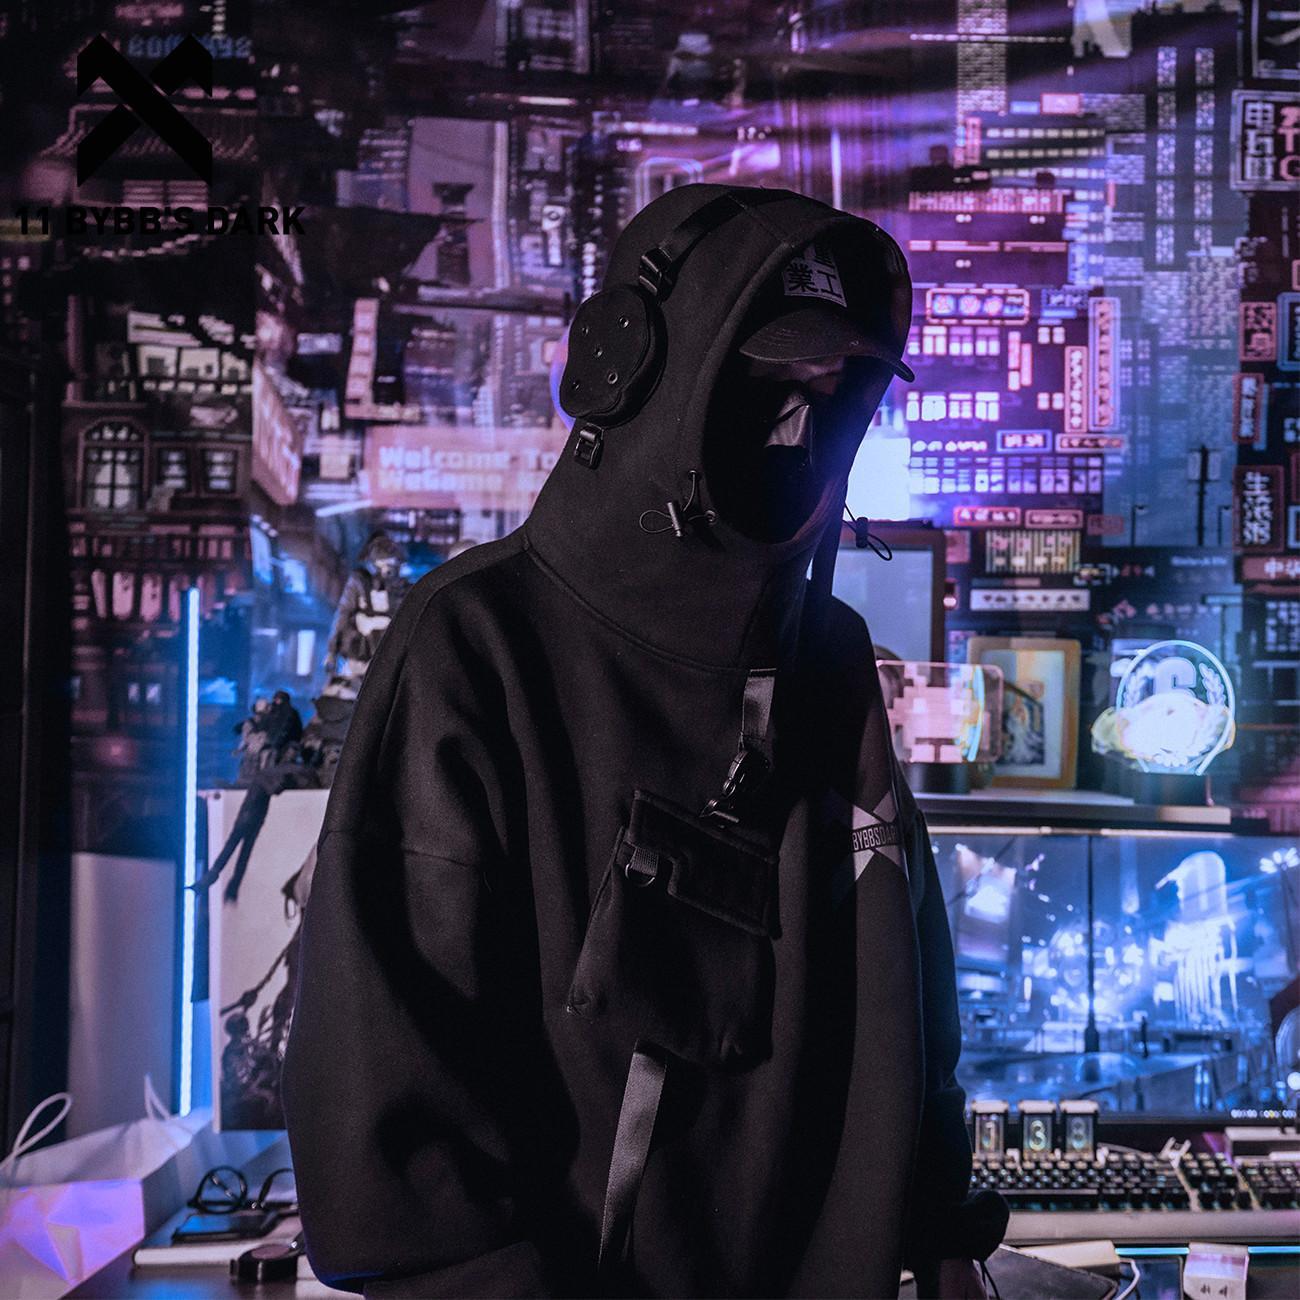 11 BYBB OSCURO reflectante Harajuku con capucha de los hombres de Hip Hop de Calle con capucha hombre astronauta paño grueso y suave de algodón Tops Suéteres Y1109